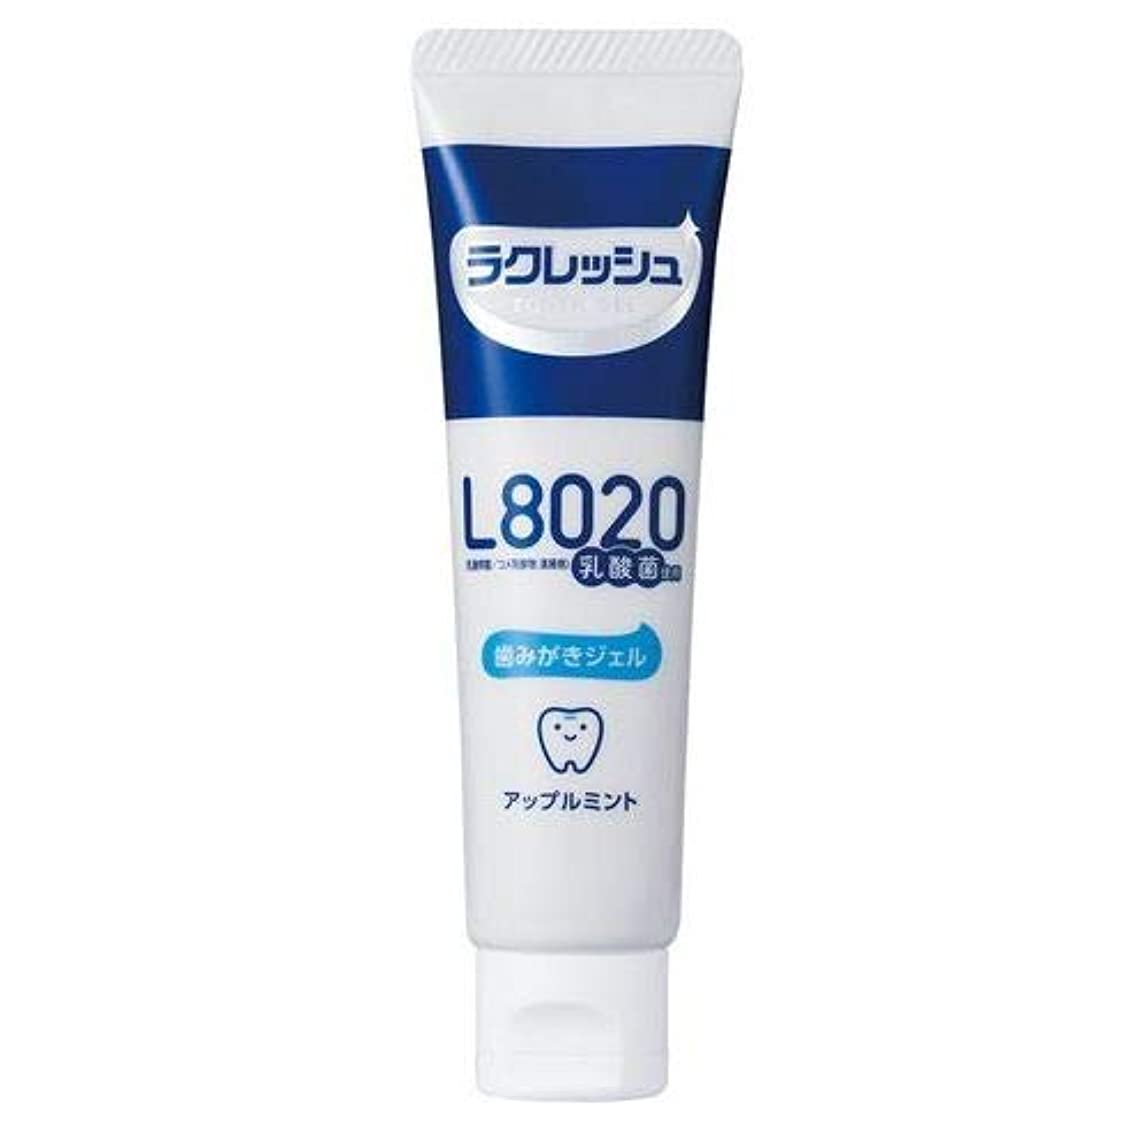 工夫するフルーツエール【50個セット】L8020乳酸菌 ラクレッシュ 歯みがきジェル 994918